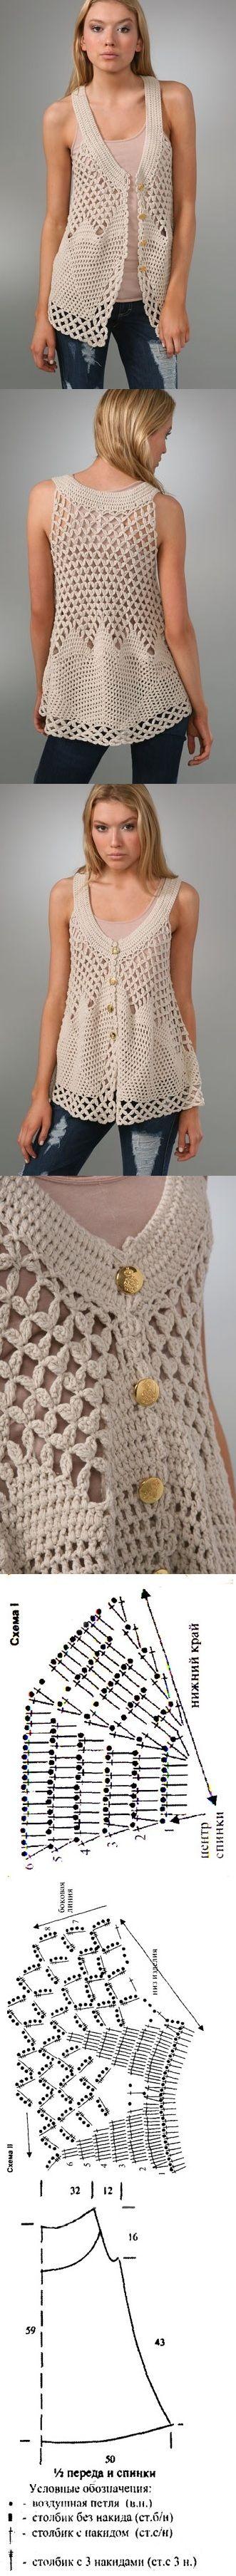 crochet vest! http://www.pinterest.com/gigibrazil/boards/: